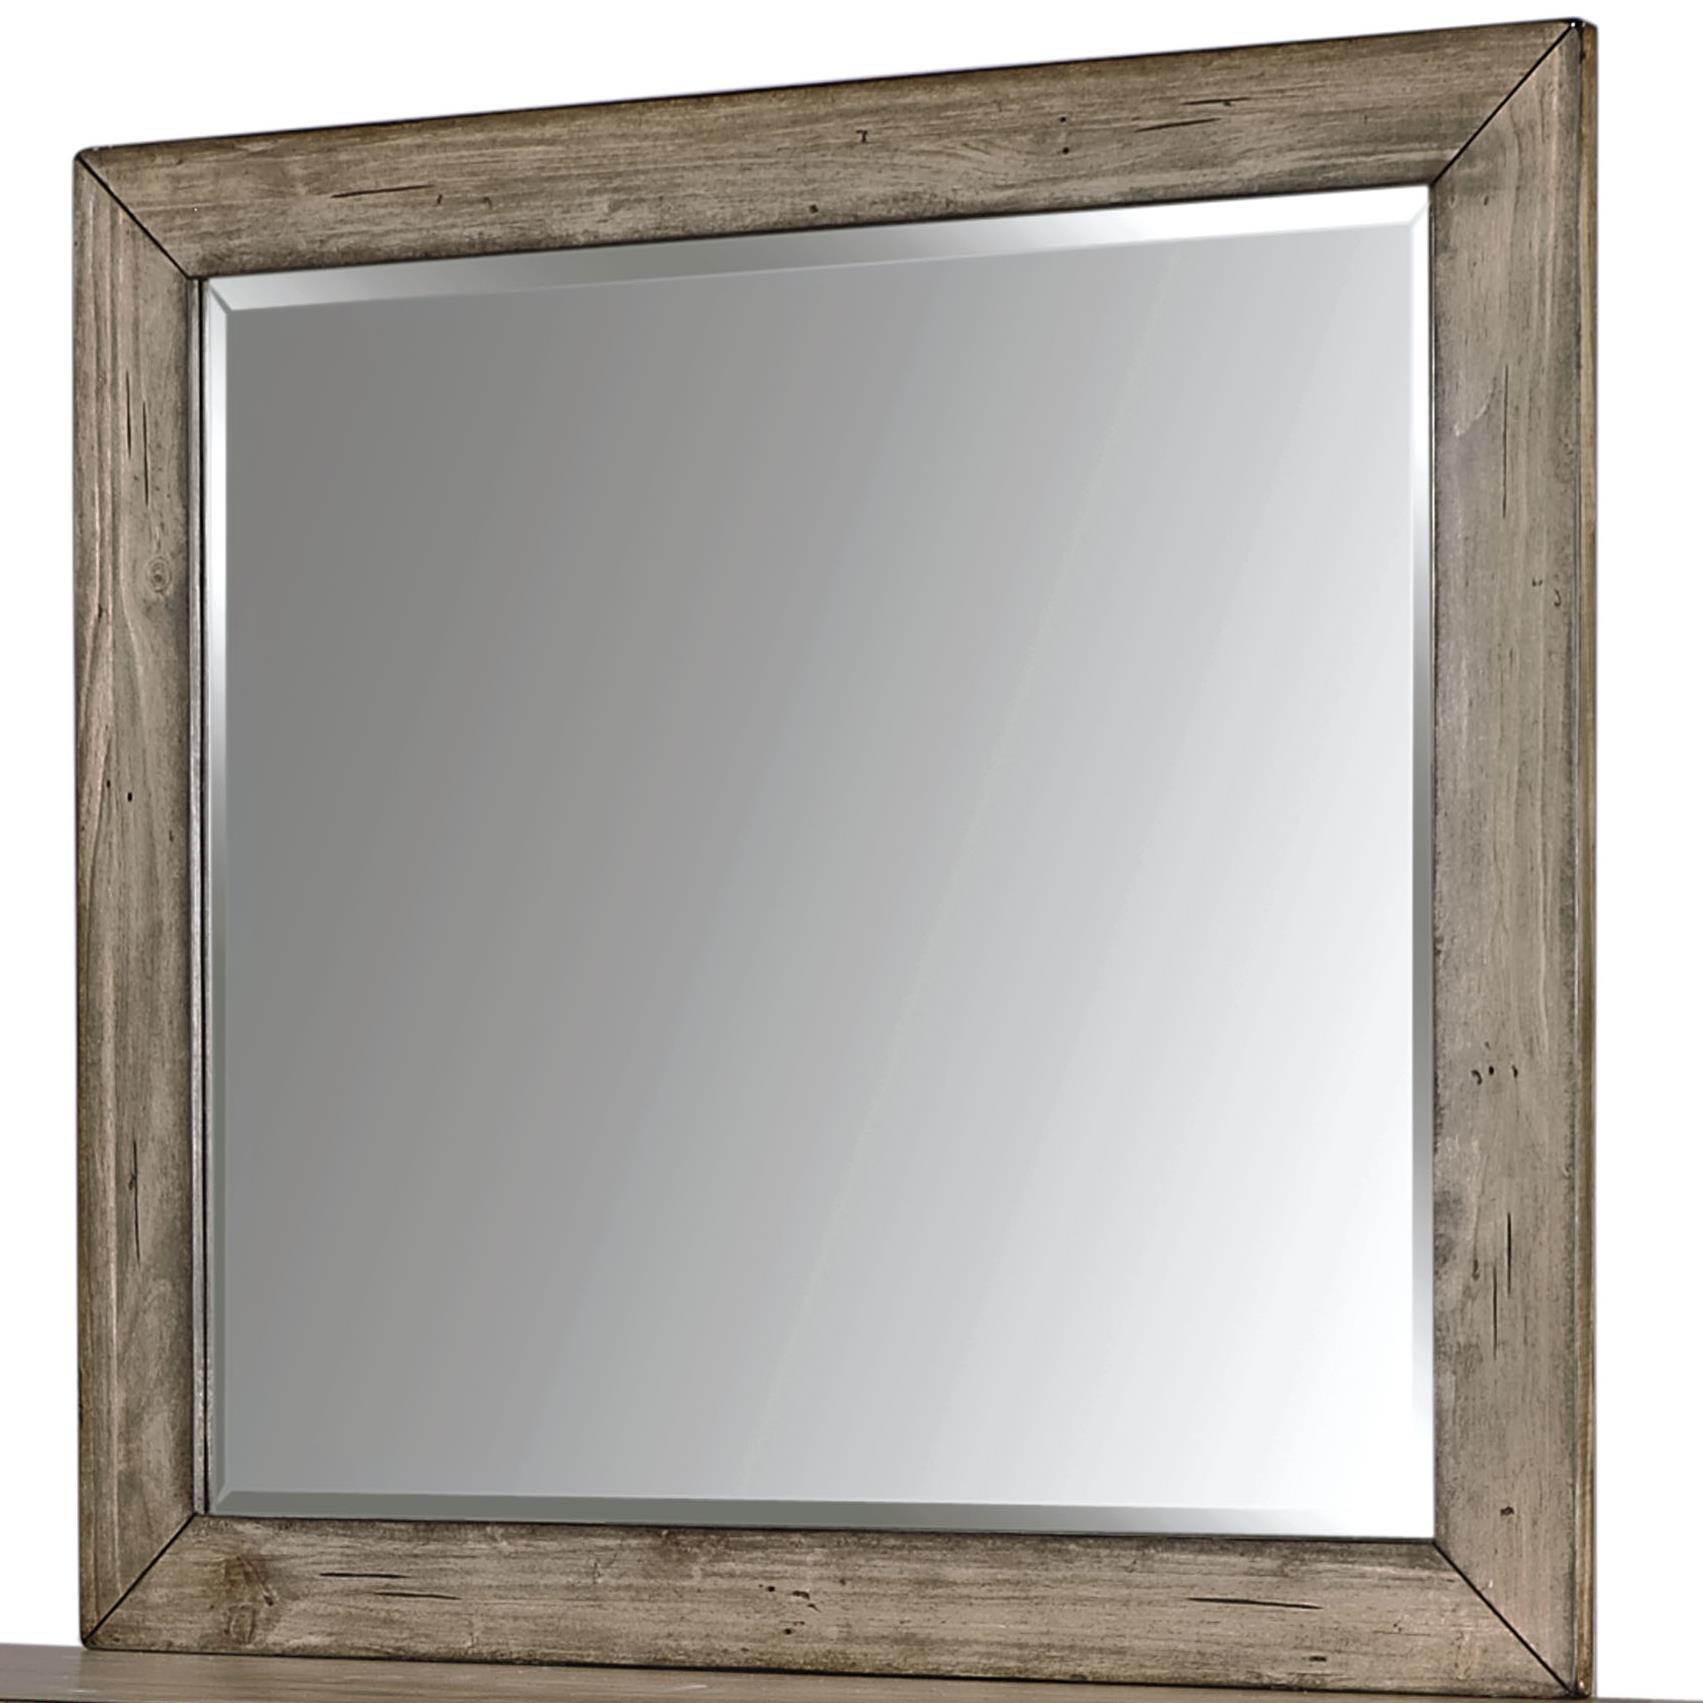 Tildon Landscape Mirror by Aspenhome at Walker's Furniture